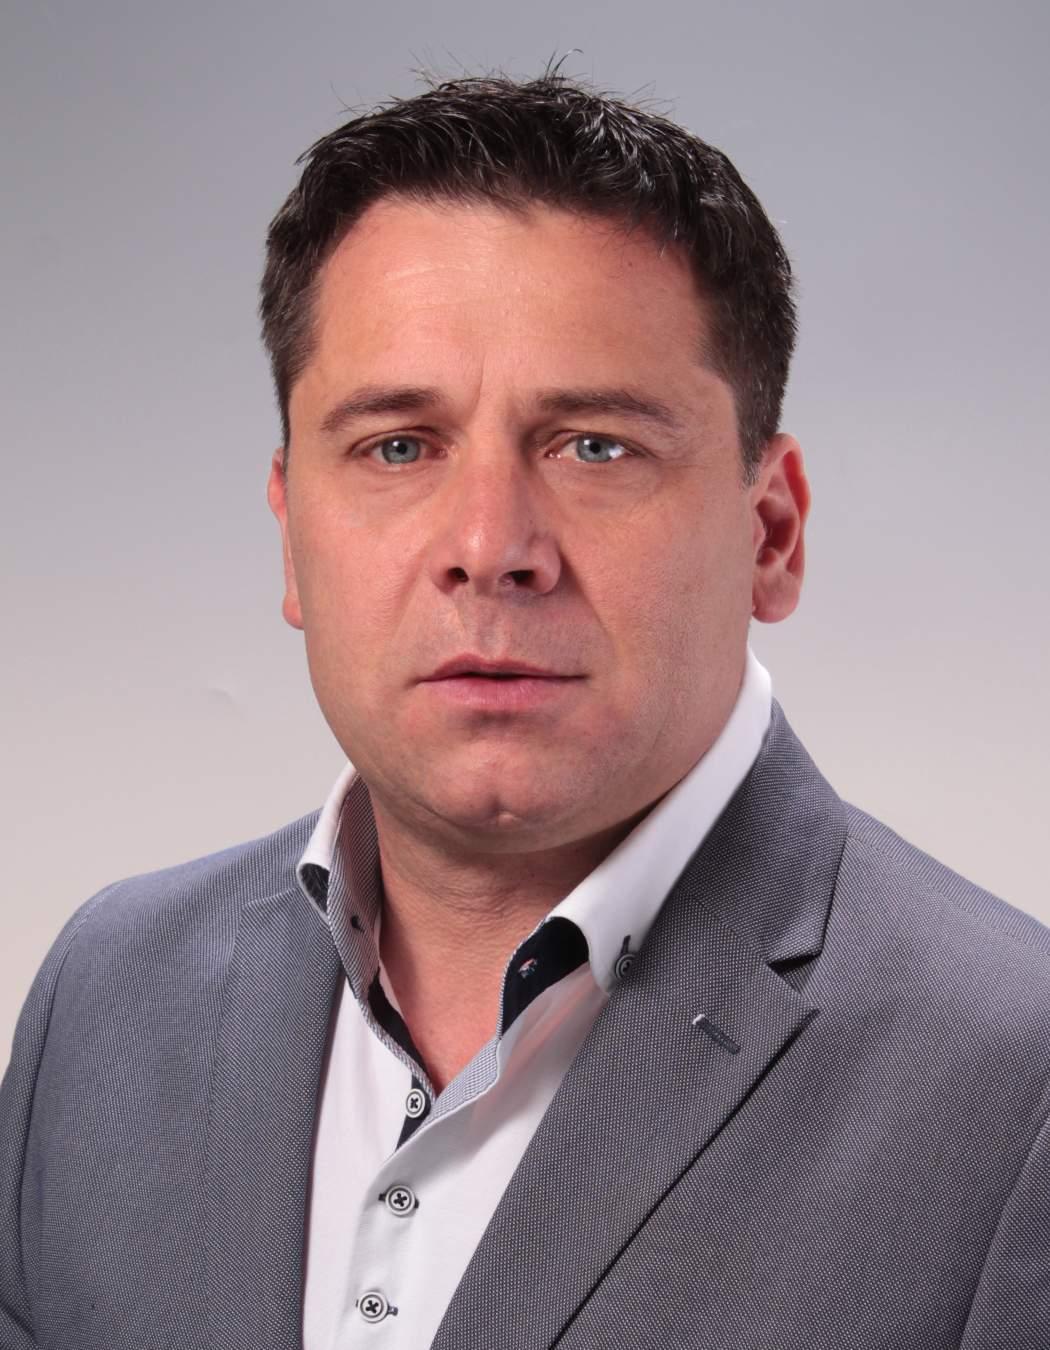 Markus Schreiber